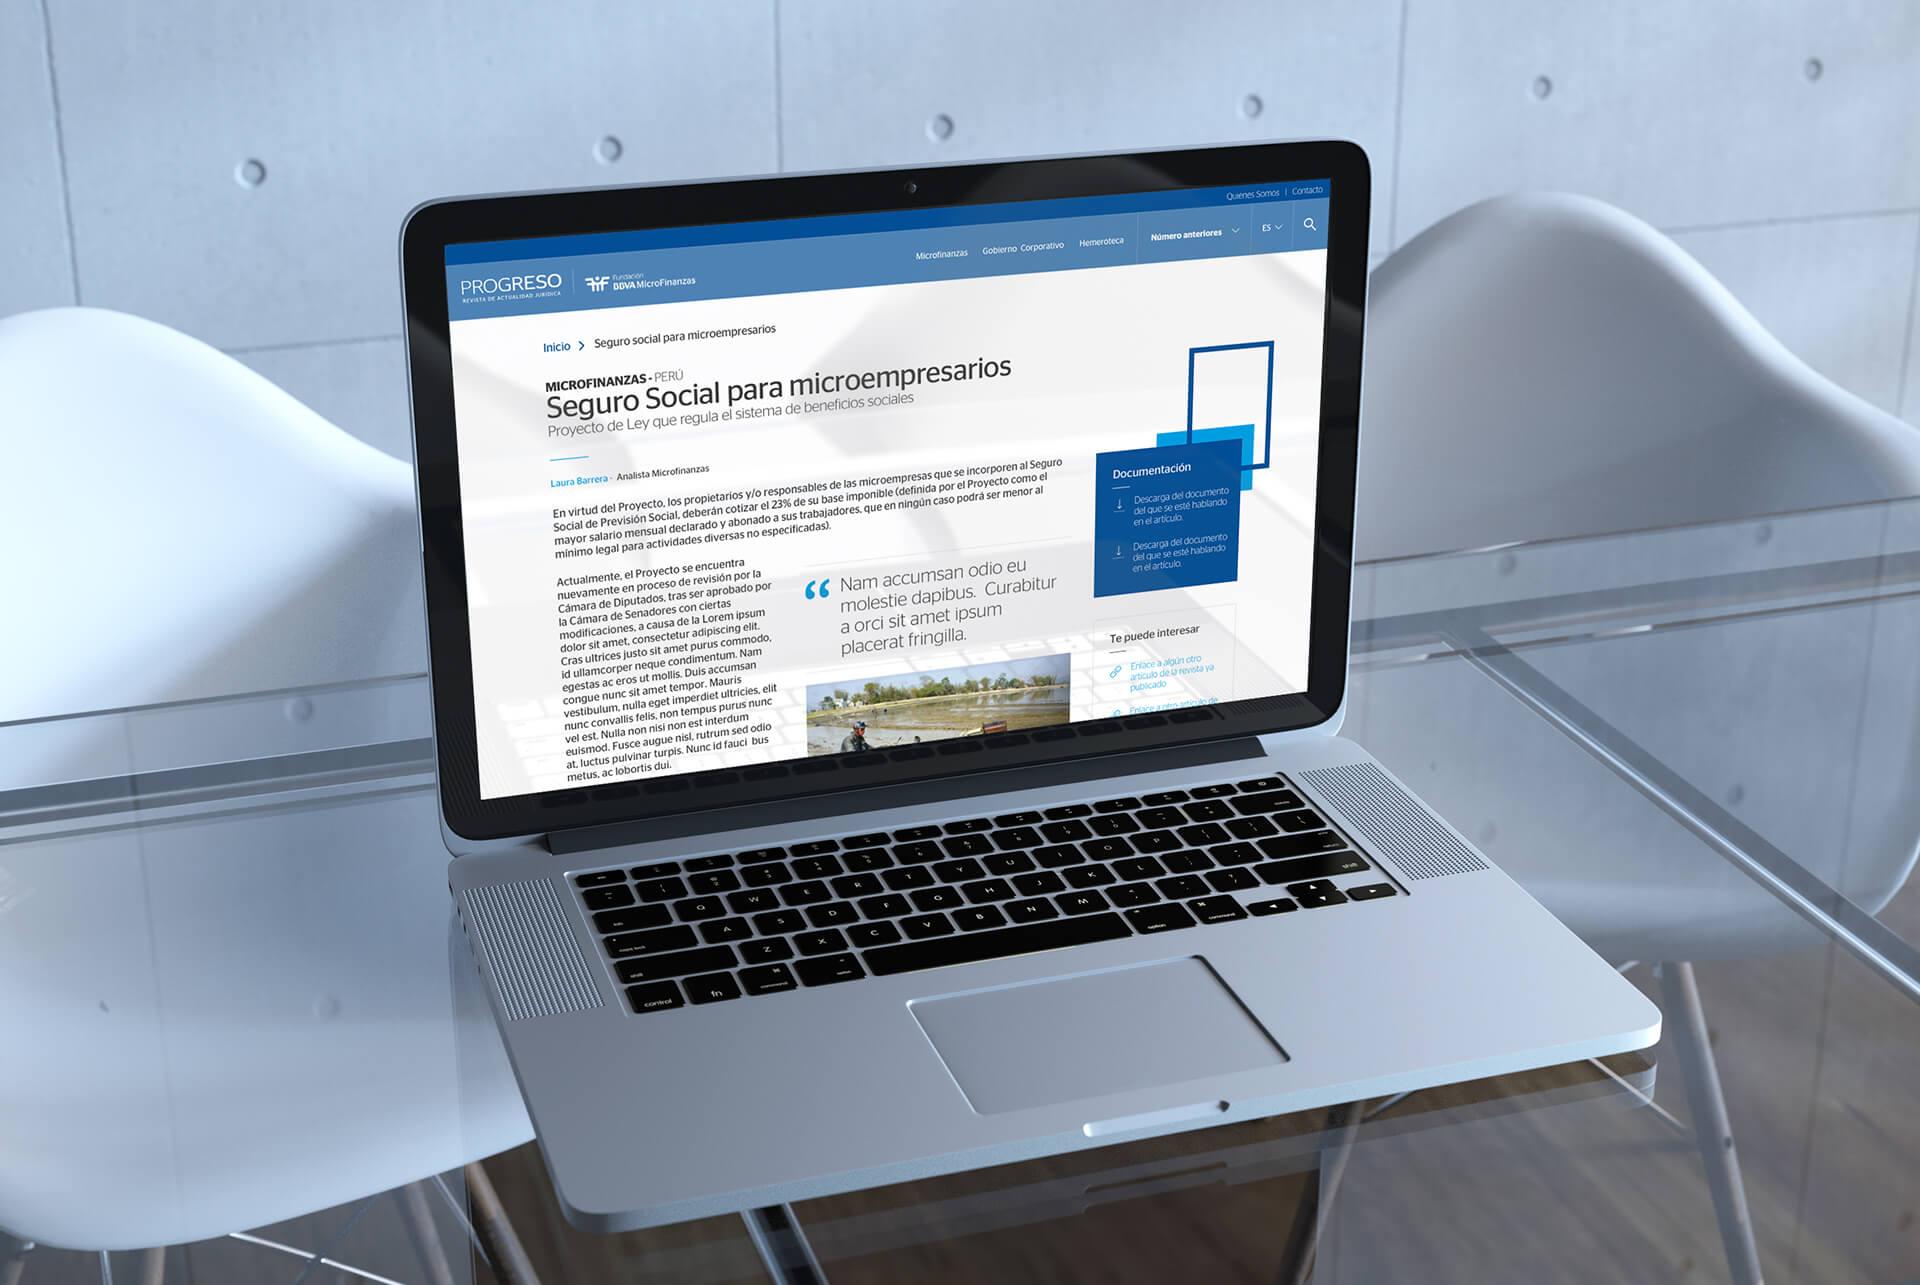 Ilustrativo desktop. BBVA Microfinanzas (BBVAMF). Revista Progreso. Actualidad microfinanzas y gobierno corporativo